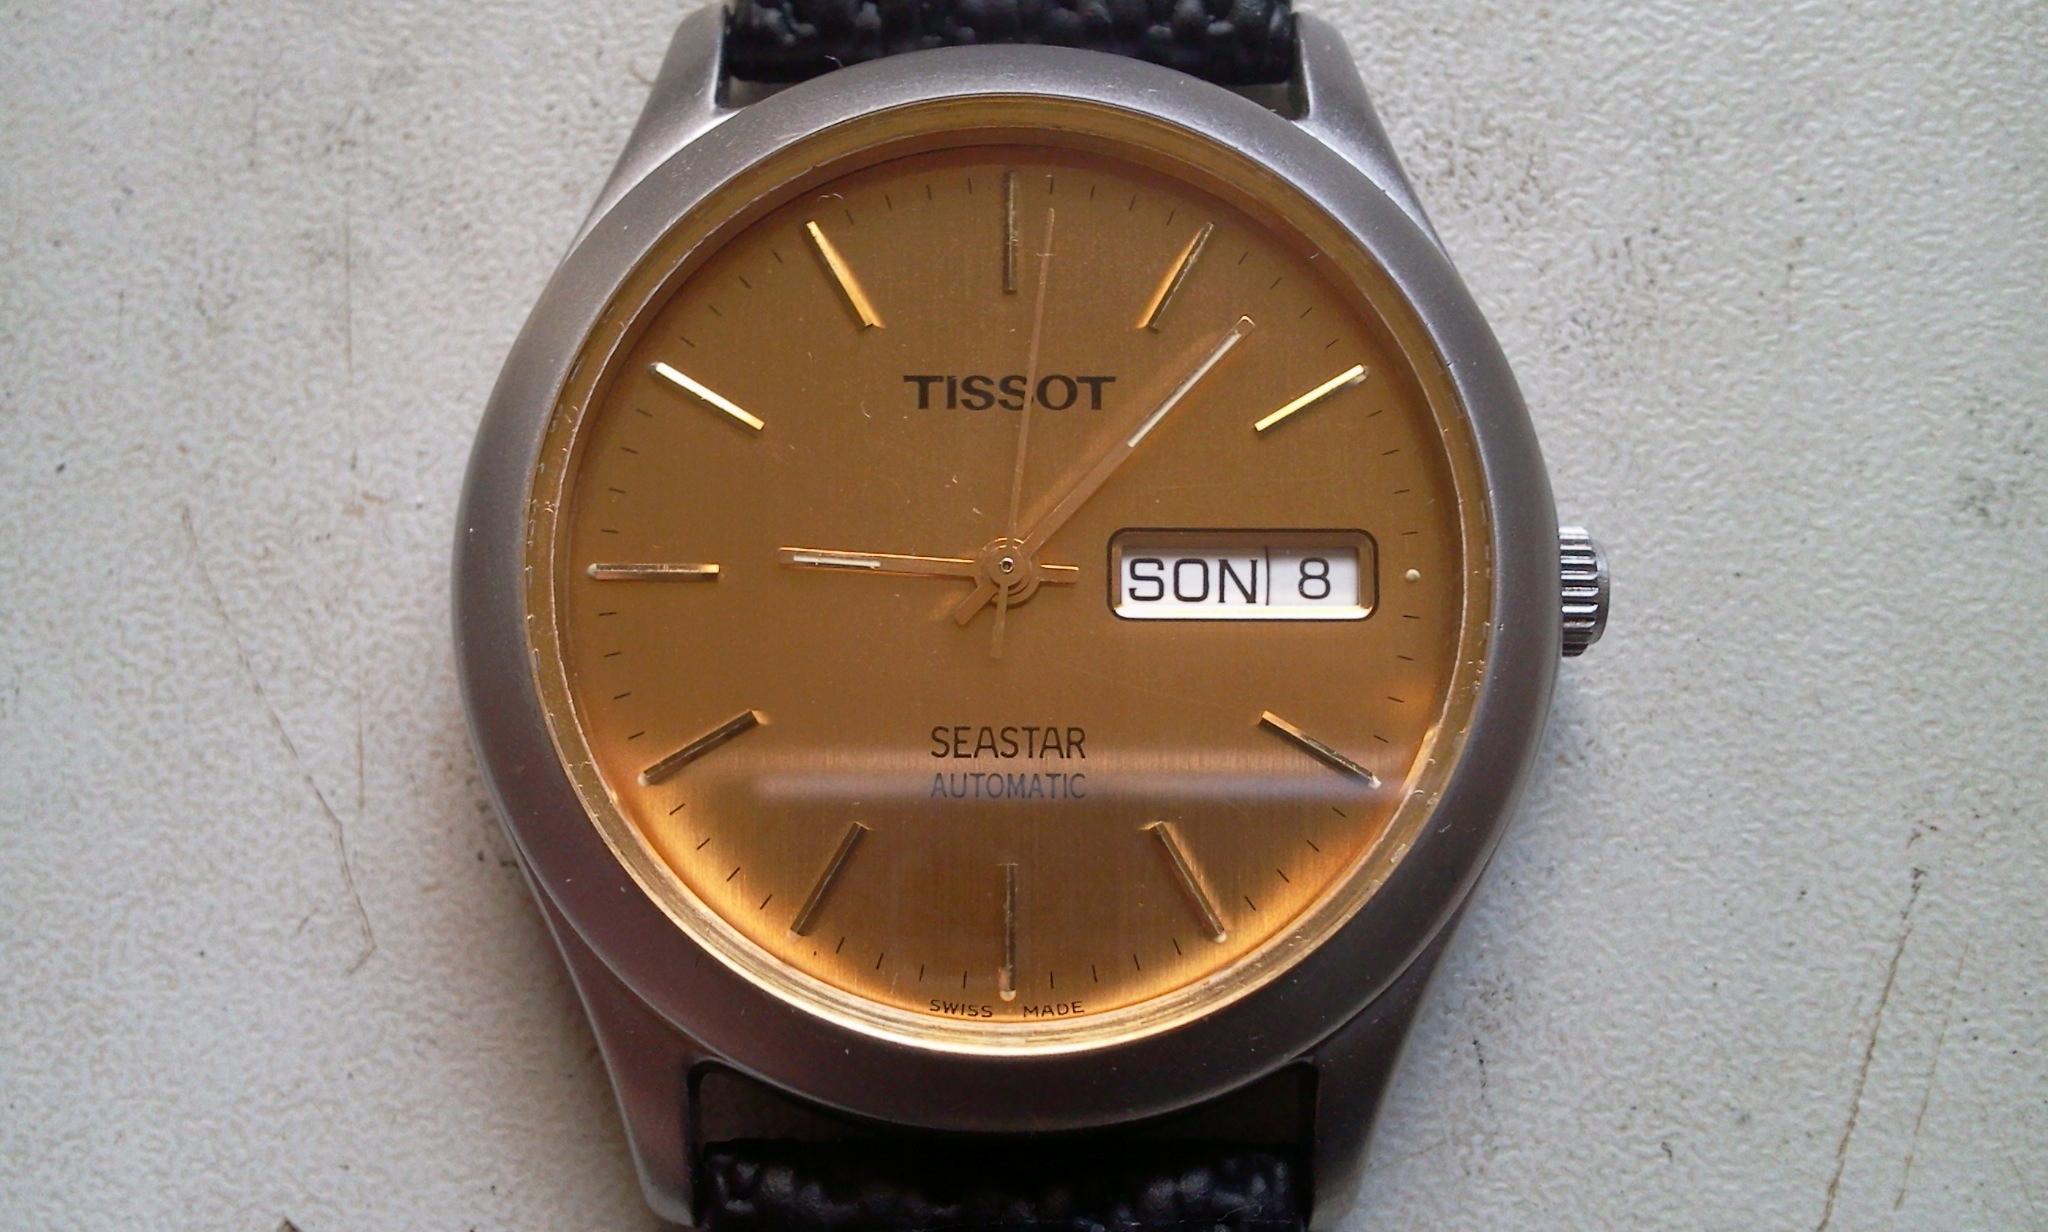 TISSOT - automat - zegarek ETA 2824